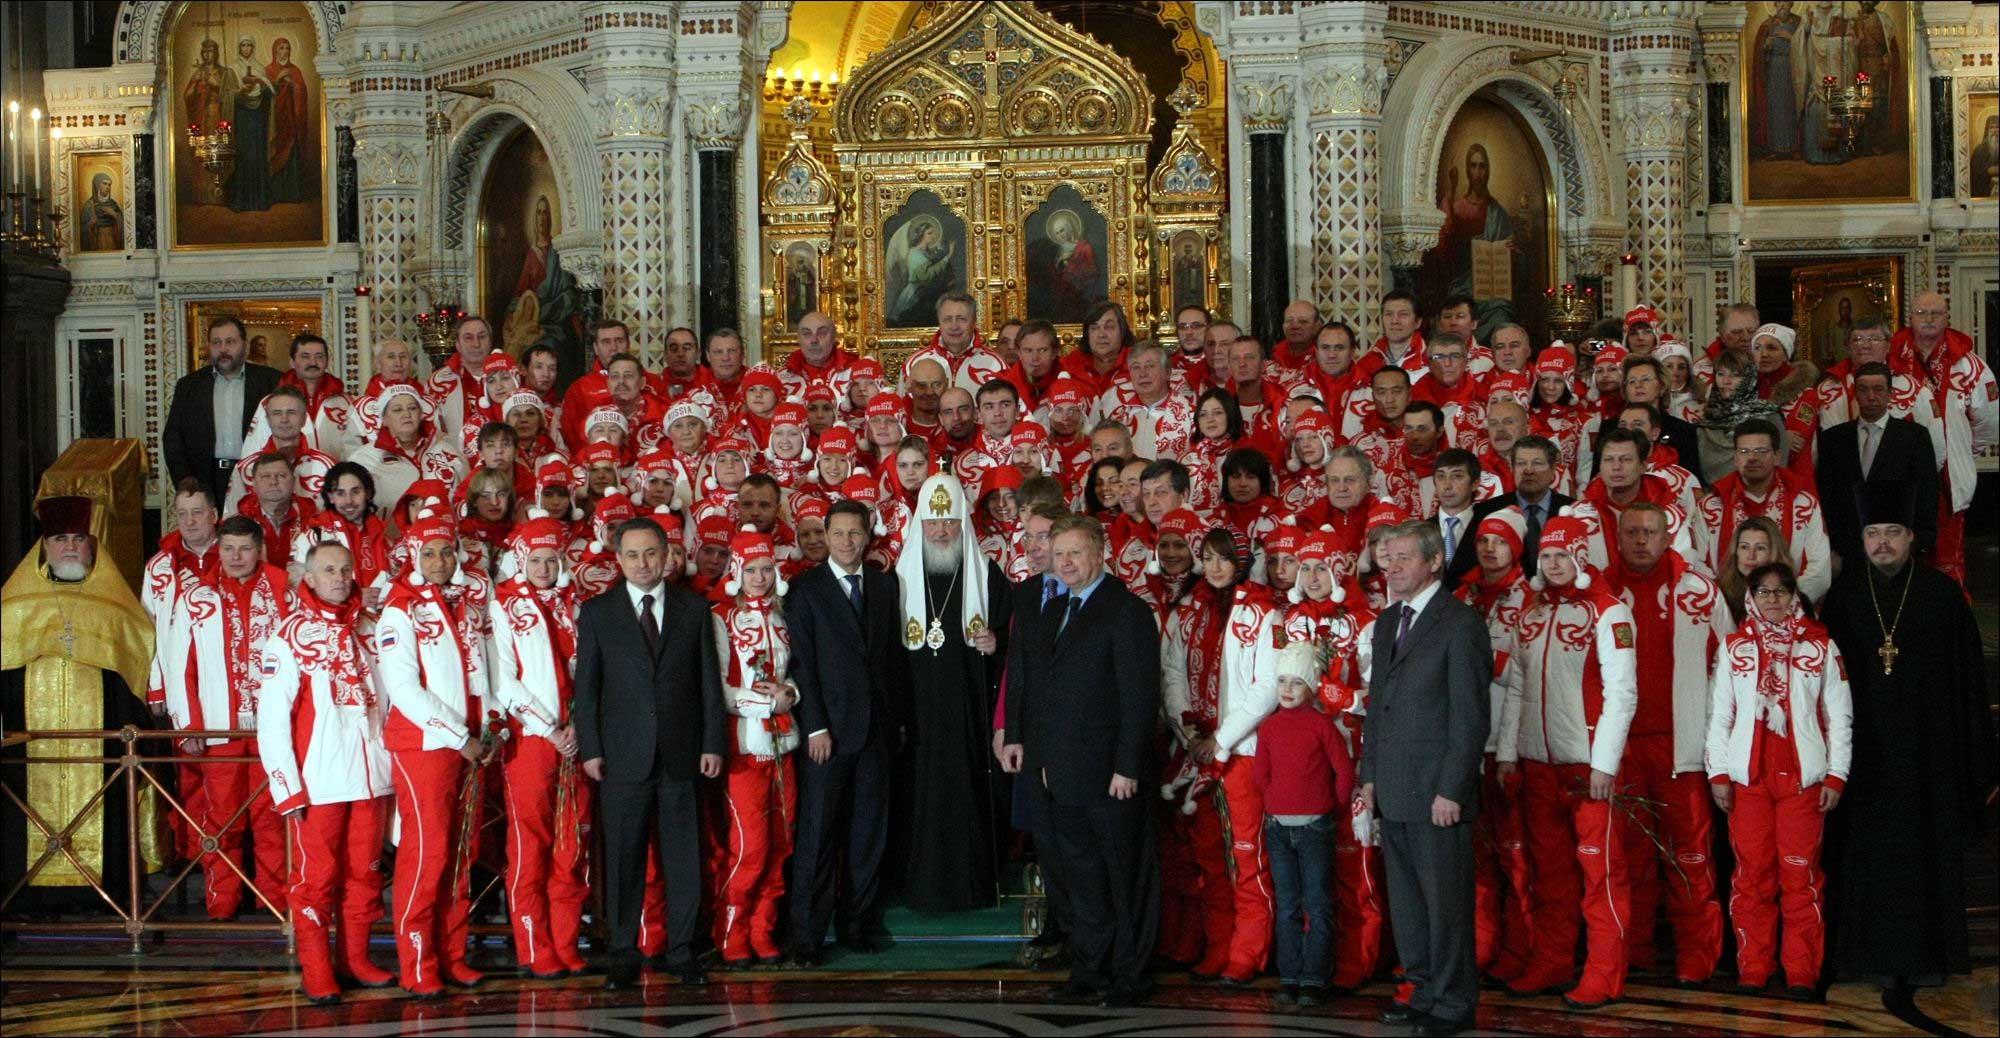 http://www.ljplus.ru/img4/i/d/idiotcol/olimpiada.jpg